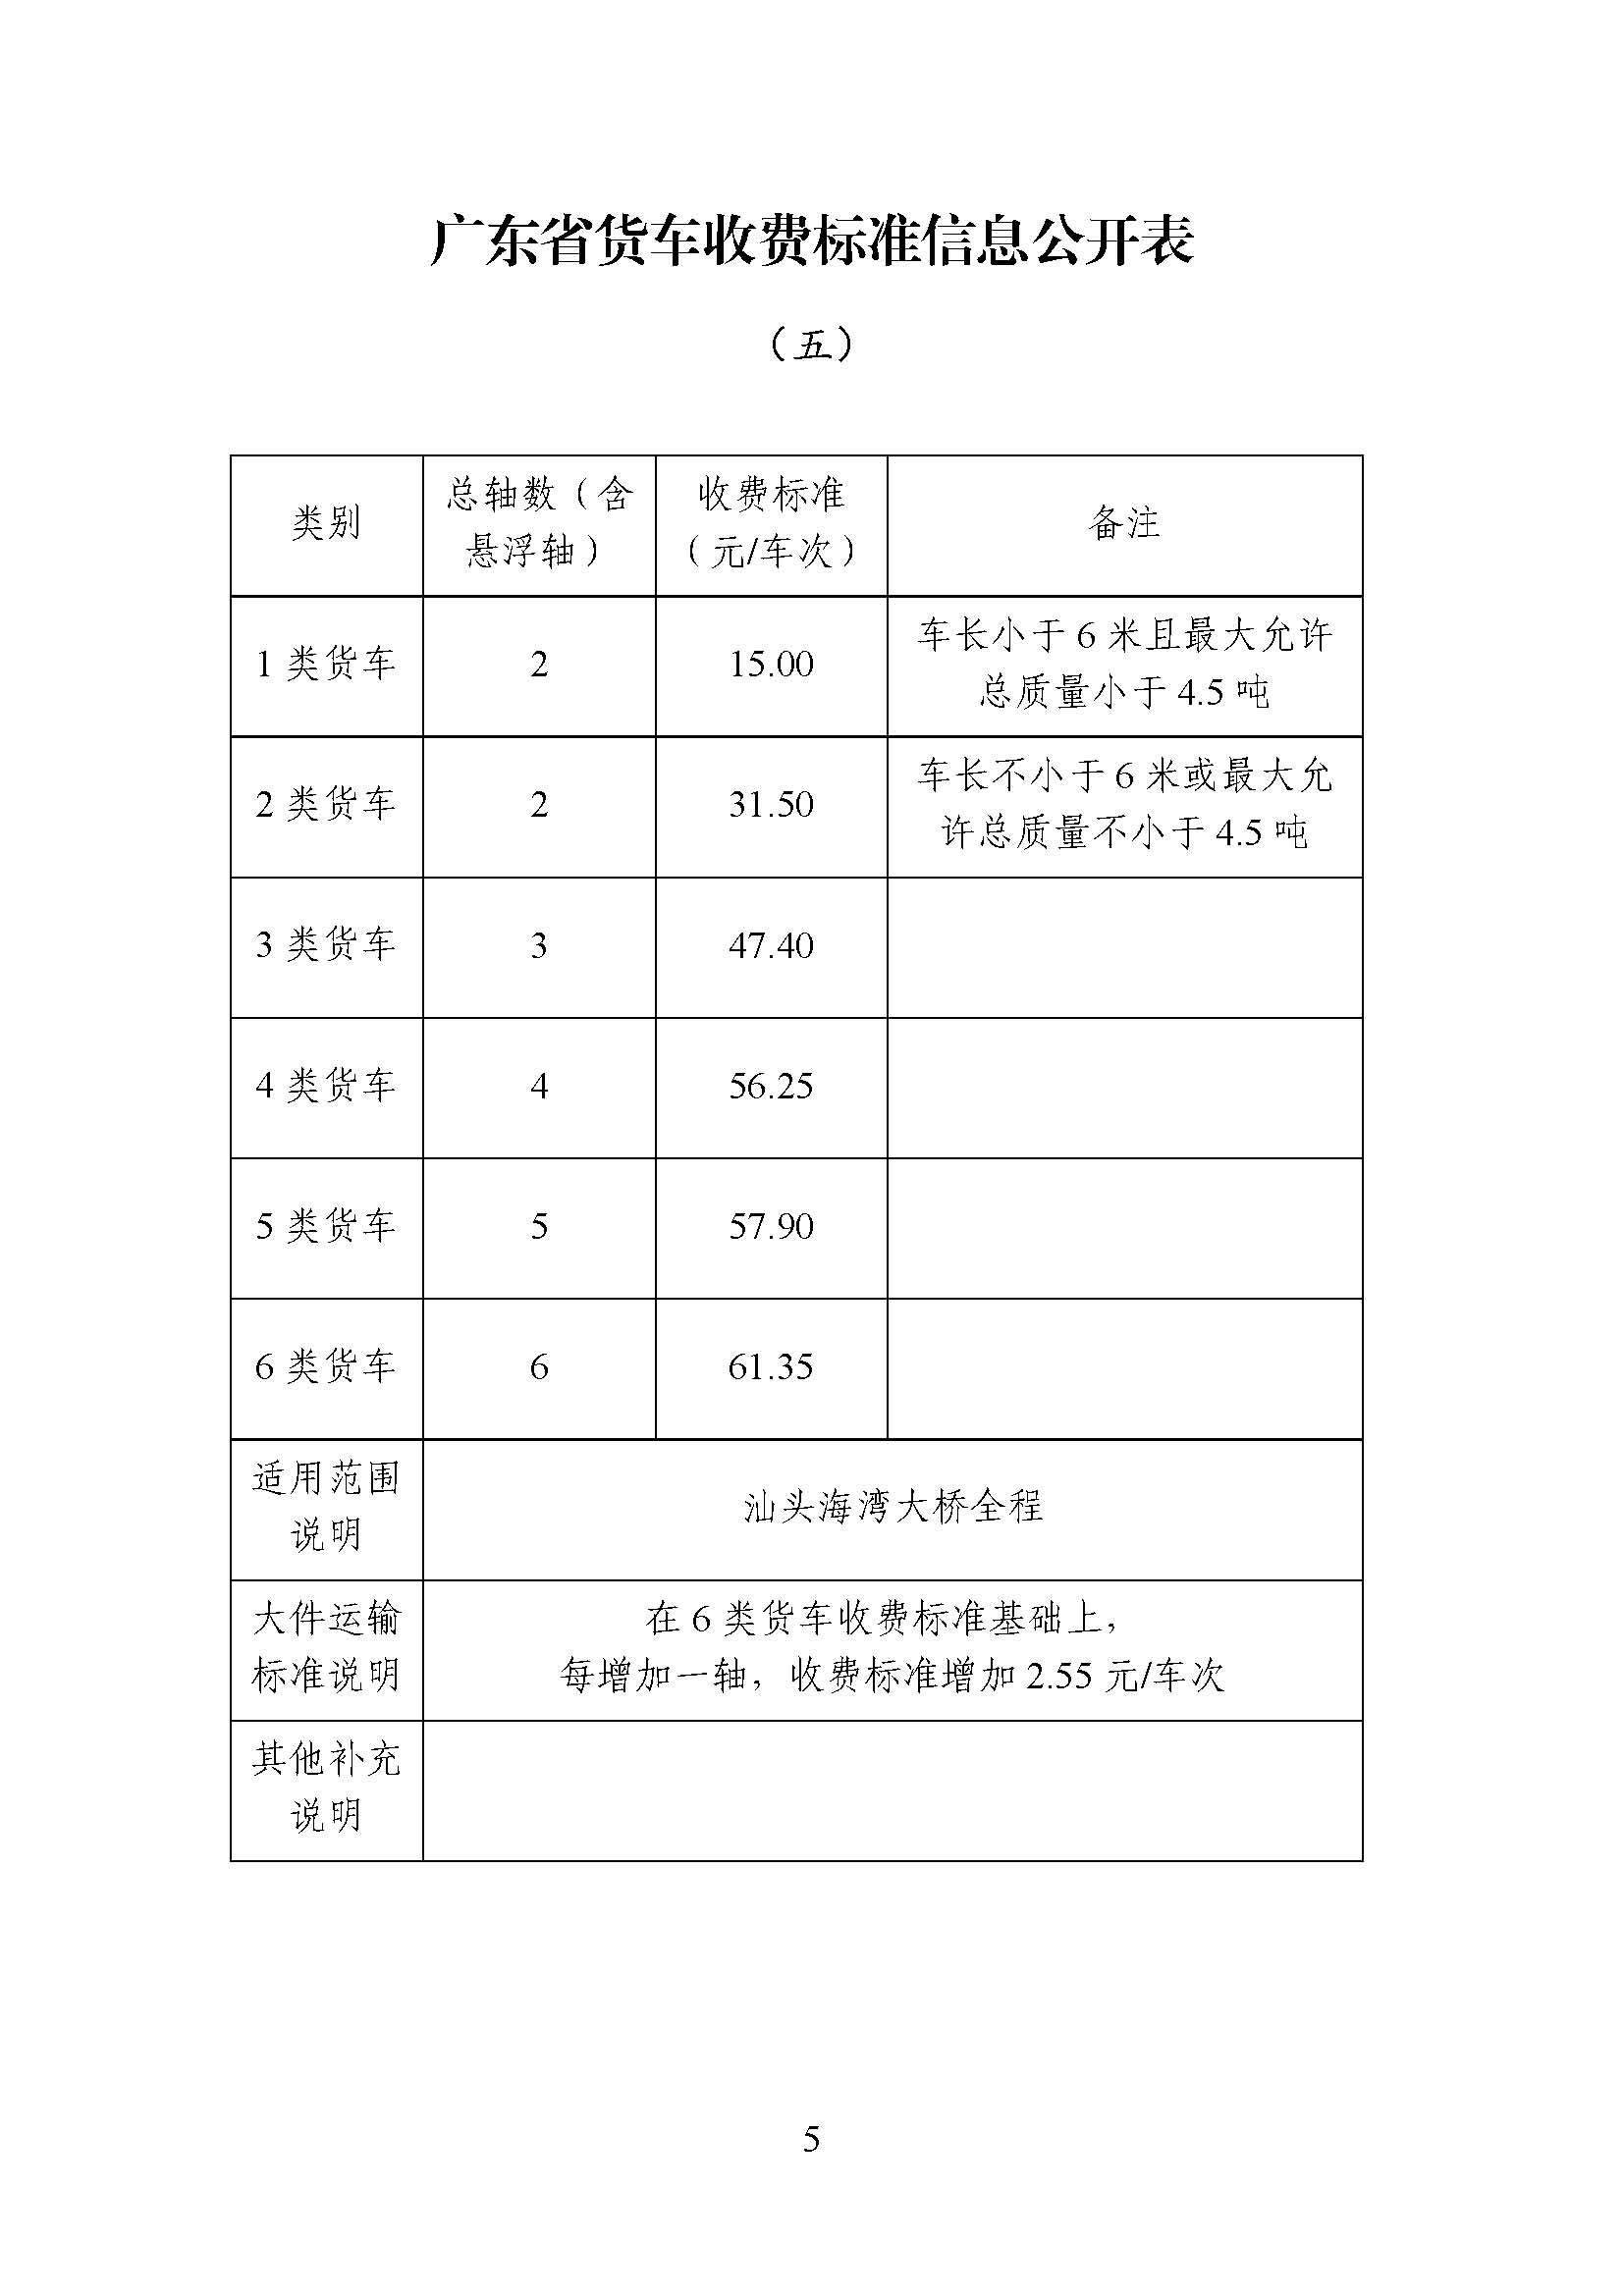 fff4b1e2-1ece-443f-8b59-7cc39451d403